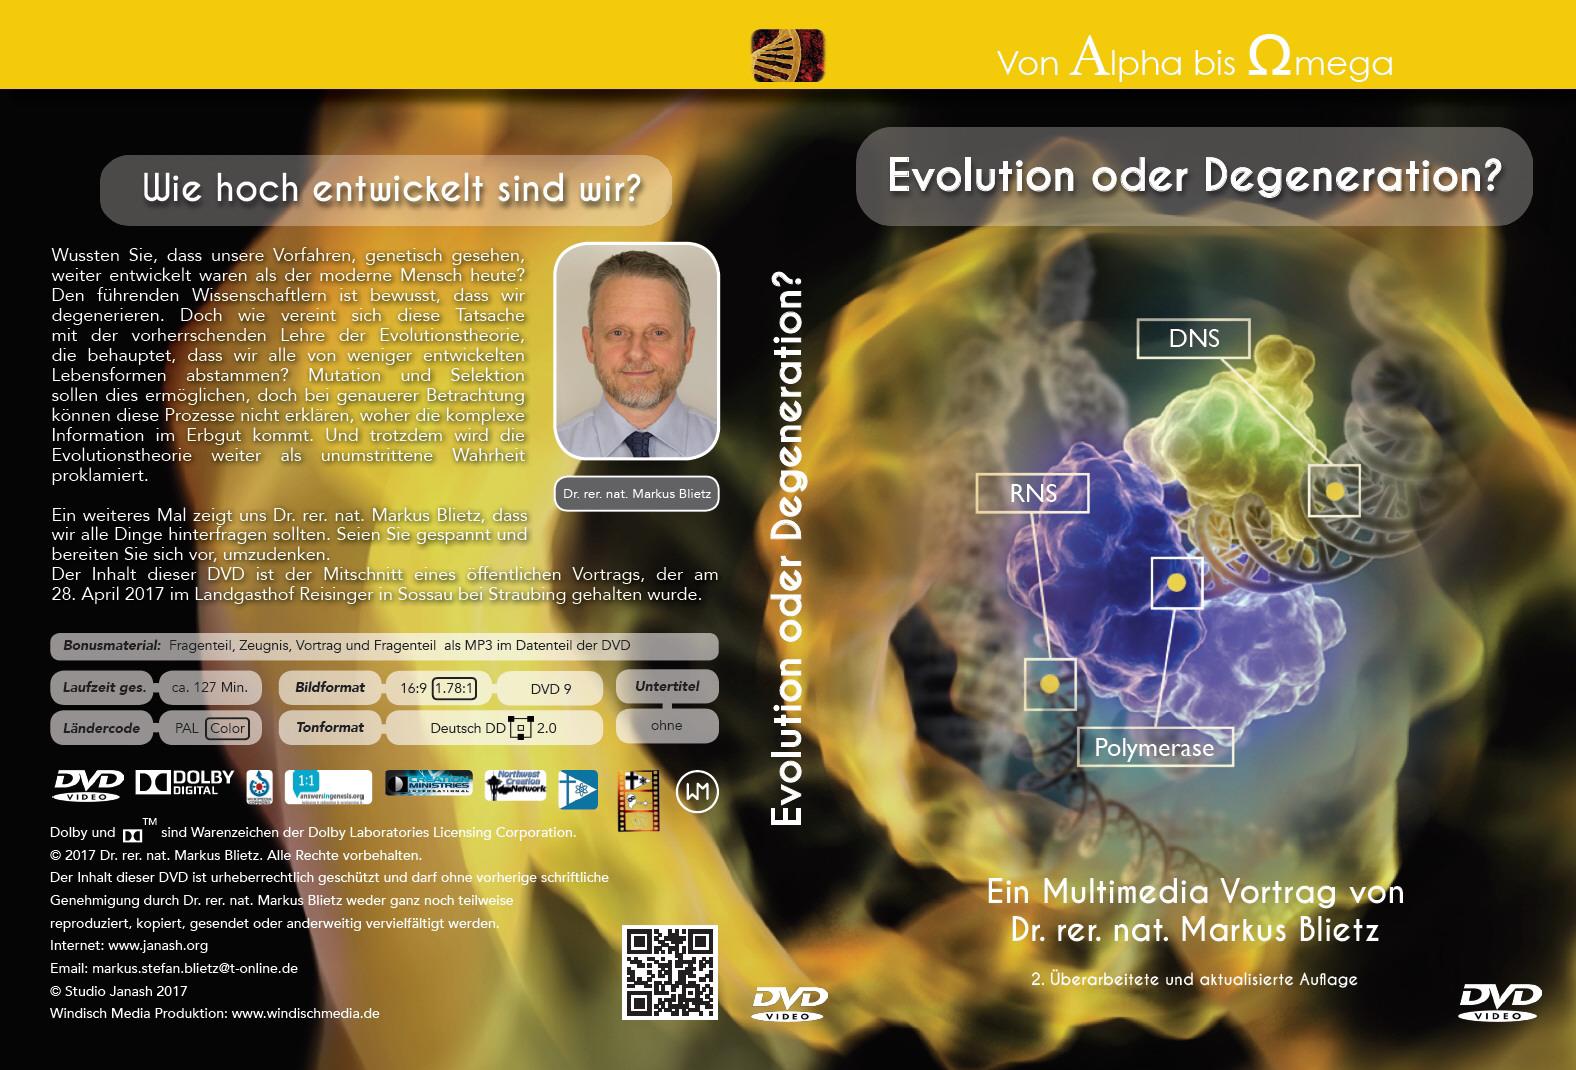 Evolution oder Degeneration - ver 2.jpg